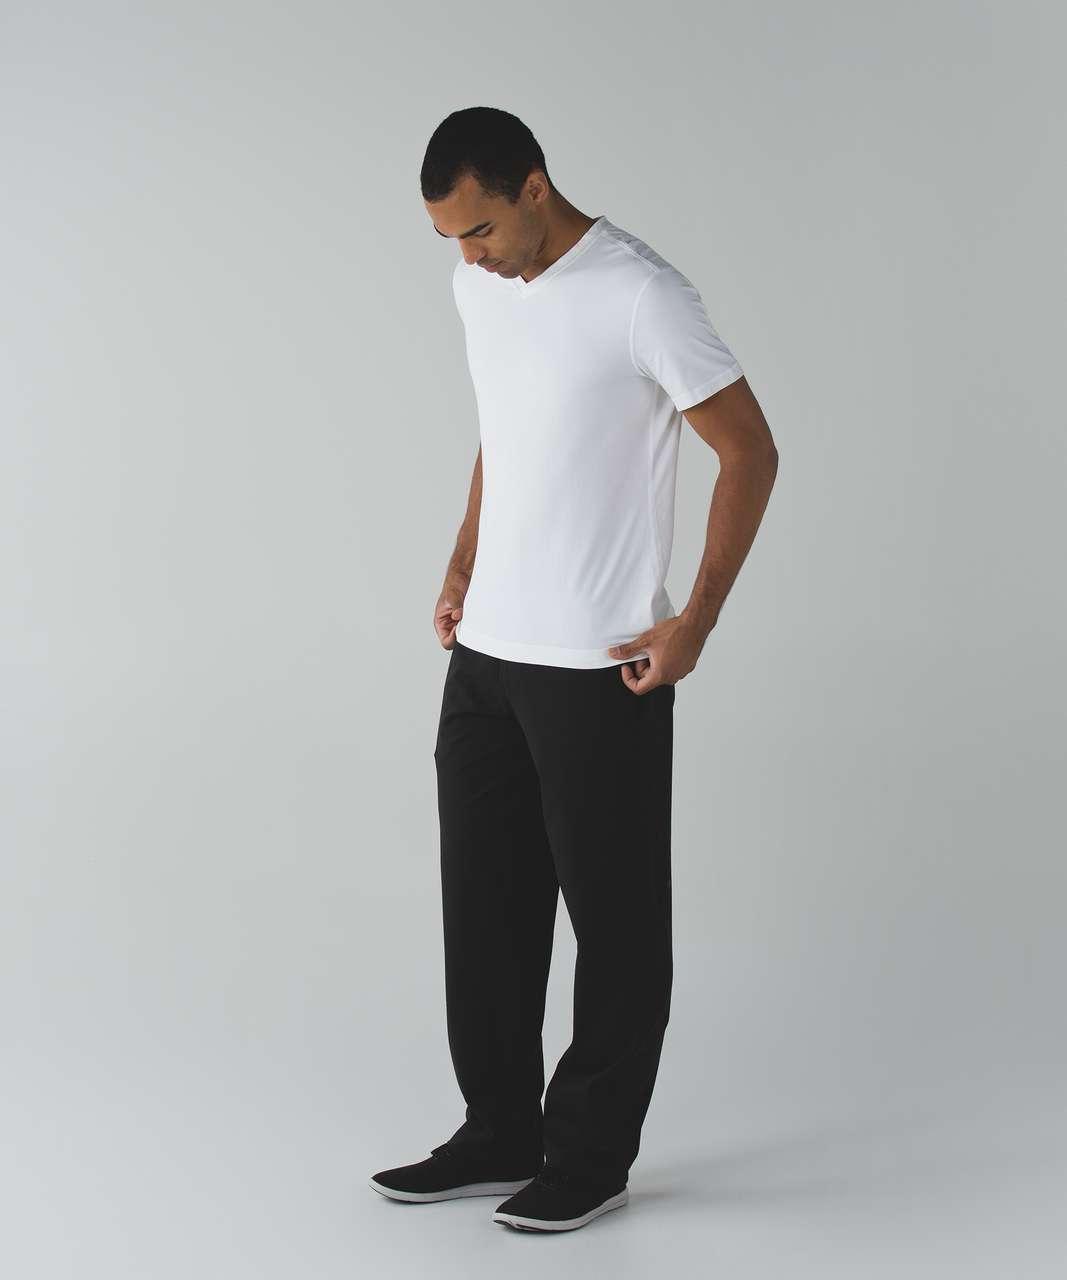 0c4aae8b8 Lululemon Kung Fu Pant 2.0 (Tall) - Black - lulu fanatics